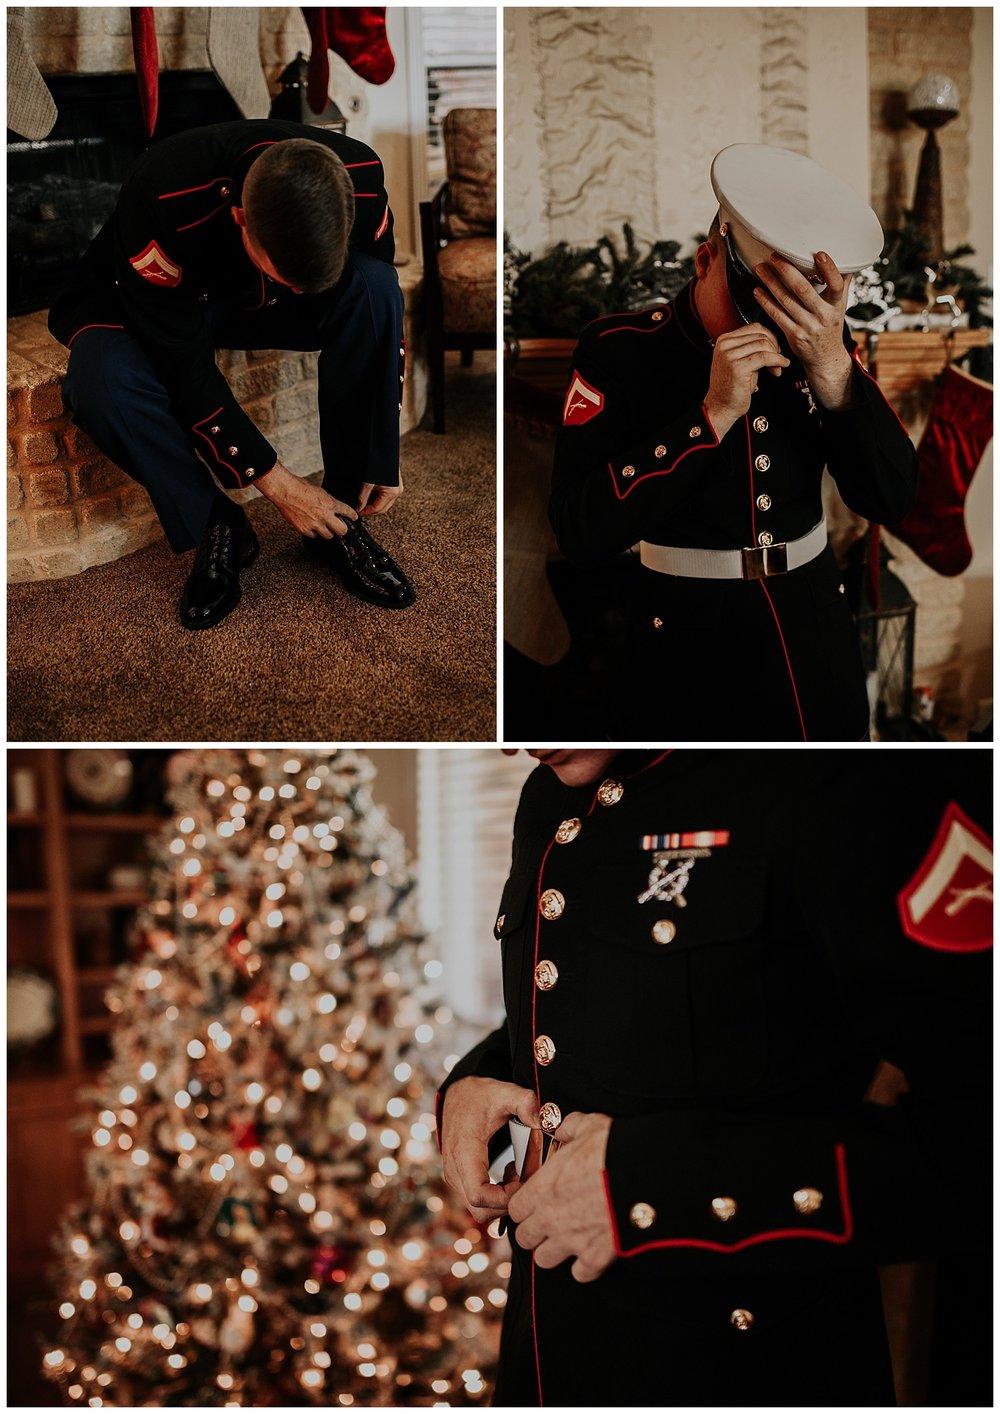 Laken-Mackenzie-Photography-Brownlee-Wedding-Dallas-Fort-Worth-Wedding-Photographer07.jpg